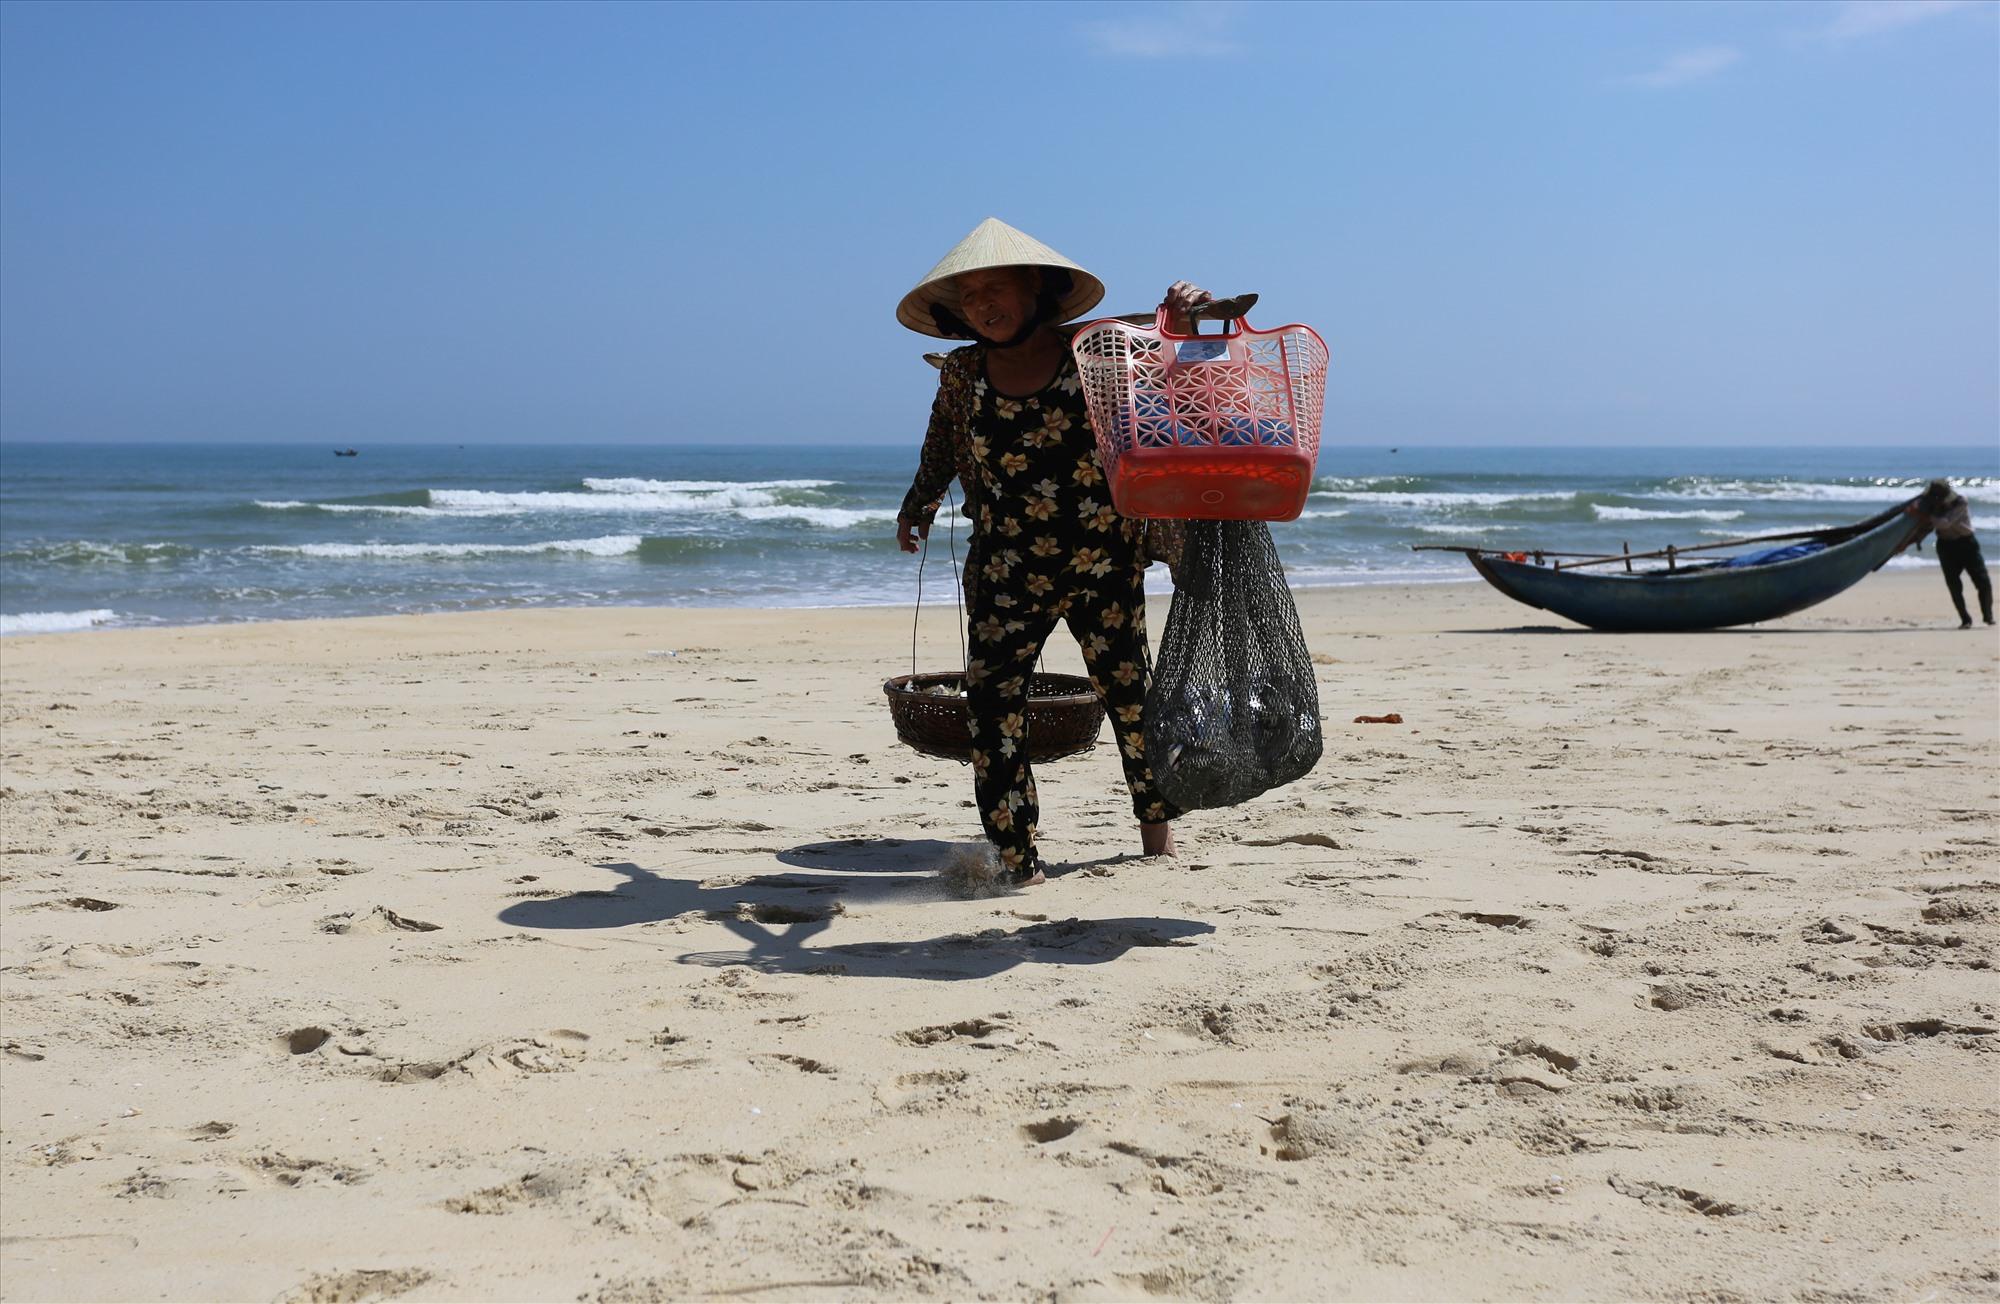 Sau khi gỡ cá từ lưới, ngư dân đưa xuống biển rửa sạch và gánh về nhà. Cá lớn, không bị trầy xước được đem đi bán